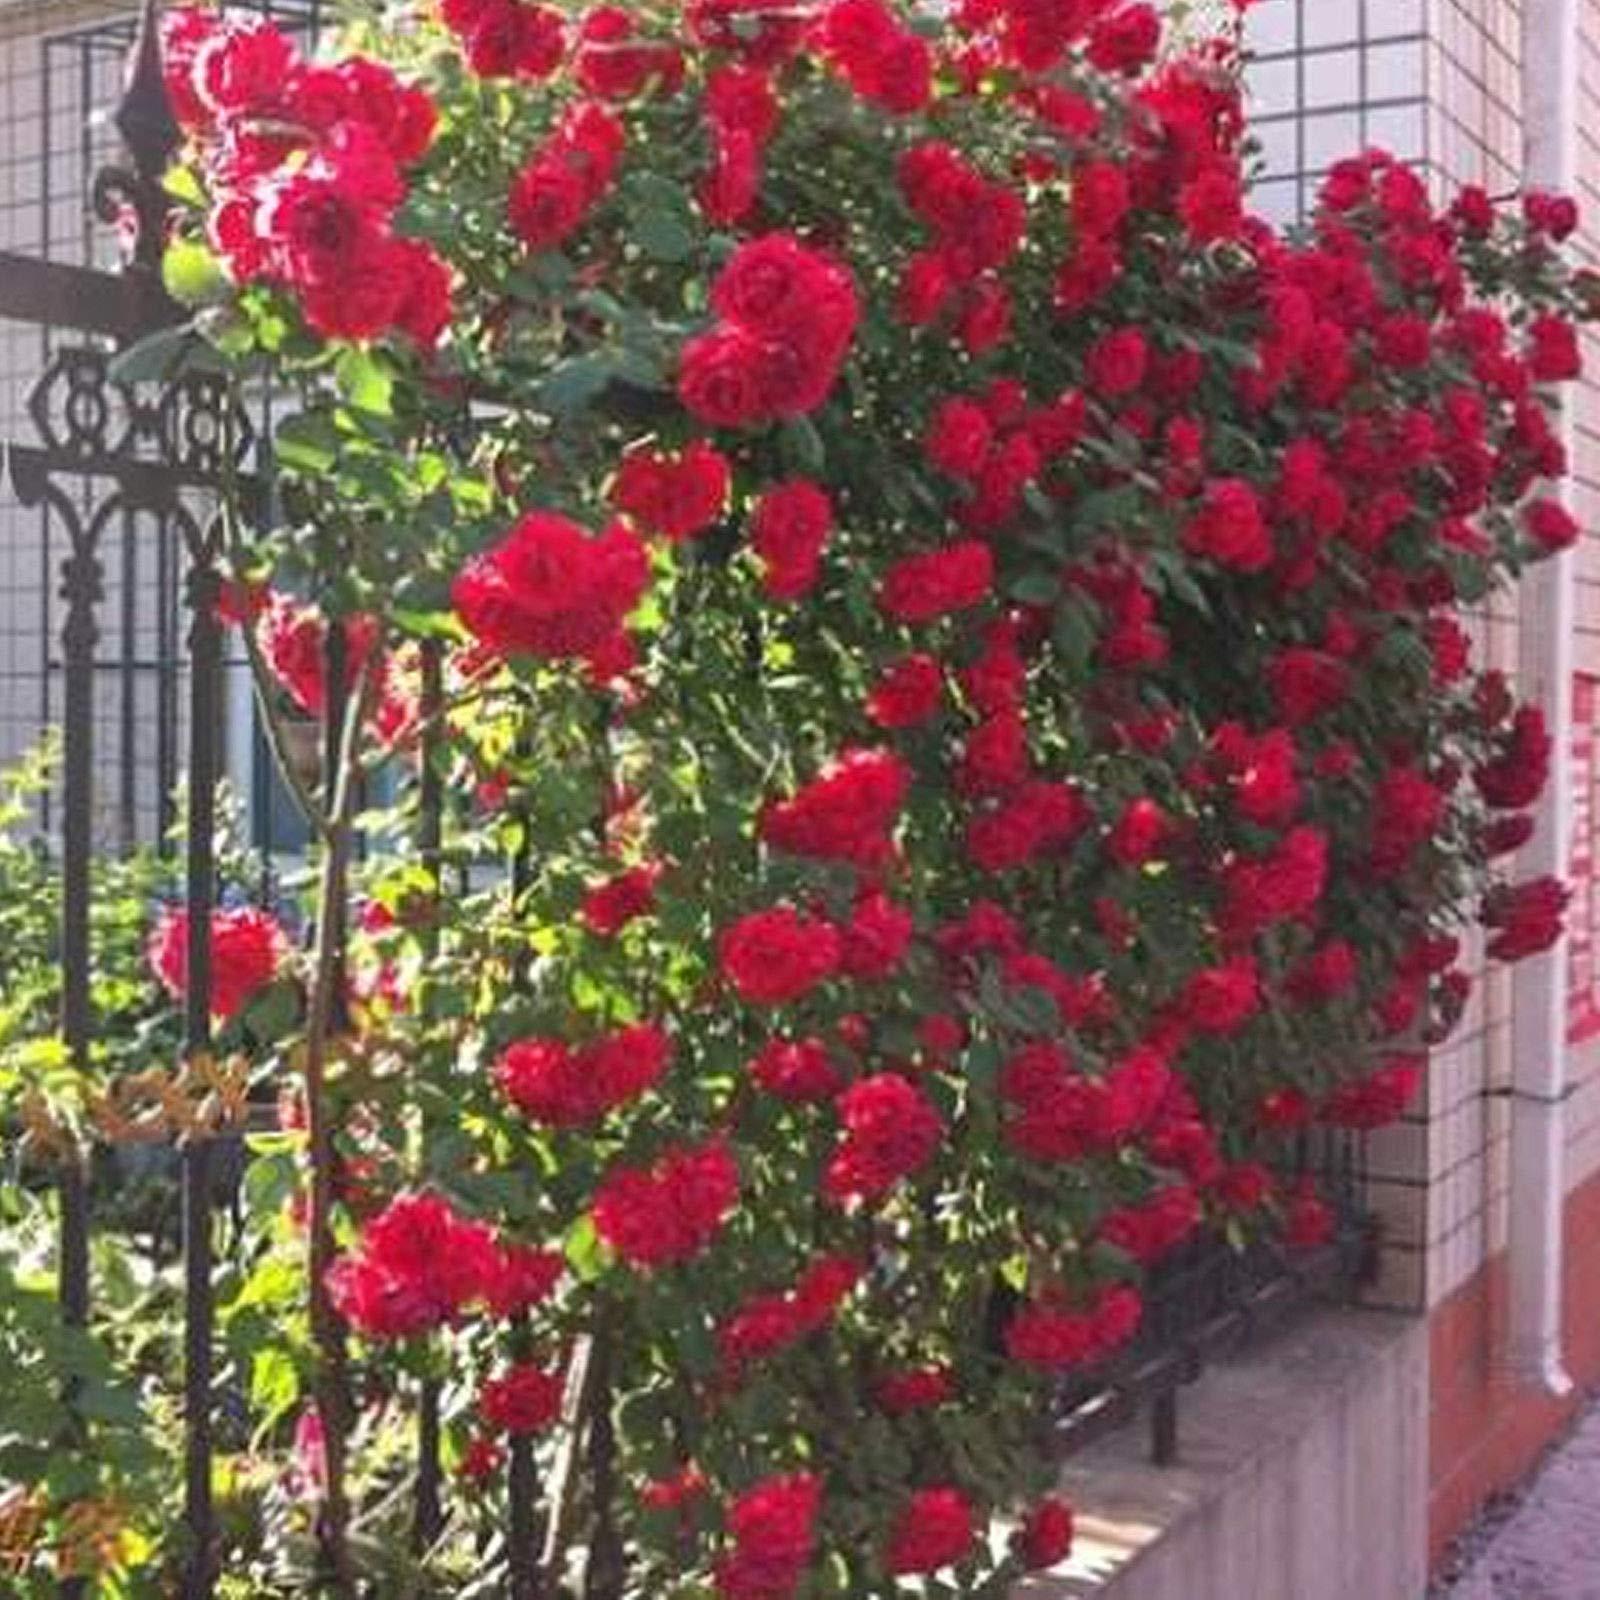 Go Garden Blanca: 100 piezas rosales trepadores Semillas plantas perennes fragante jardÃn de flores Multiflora: Amazon.es: Jardín